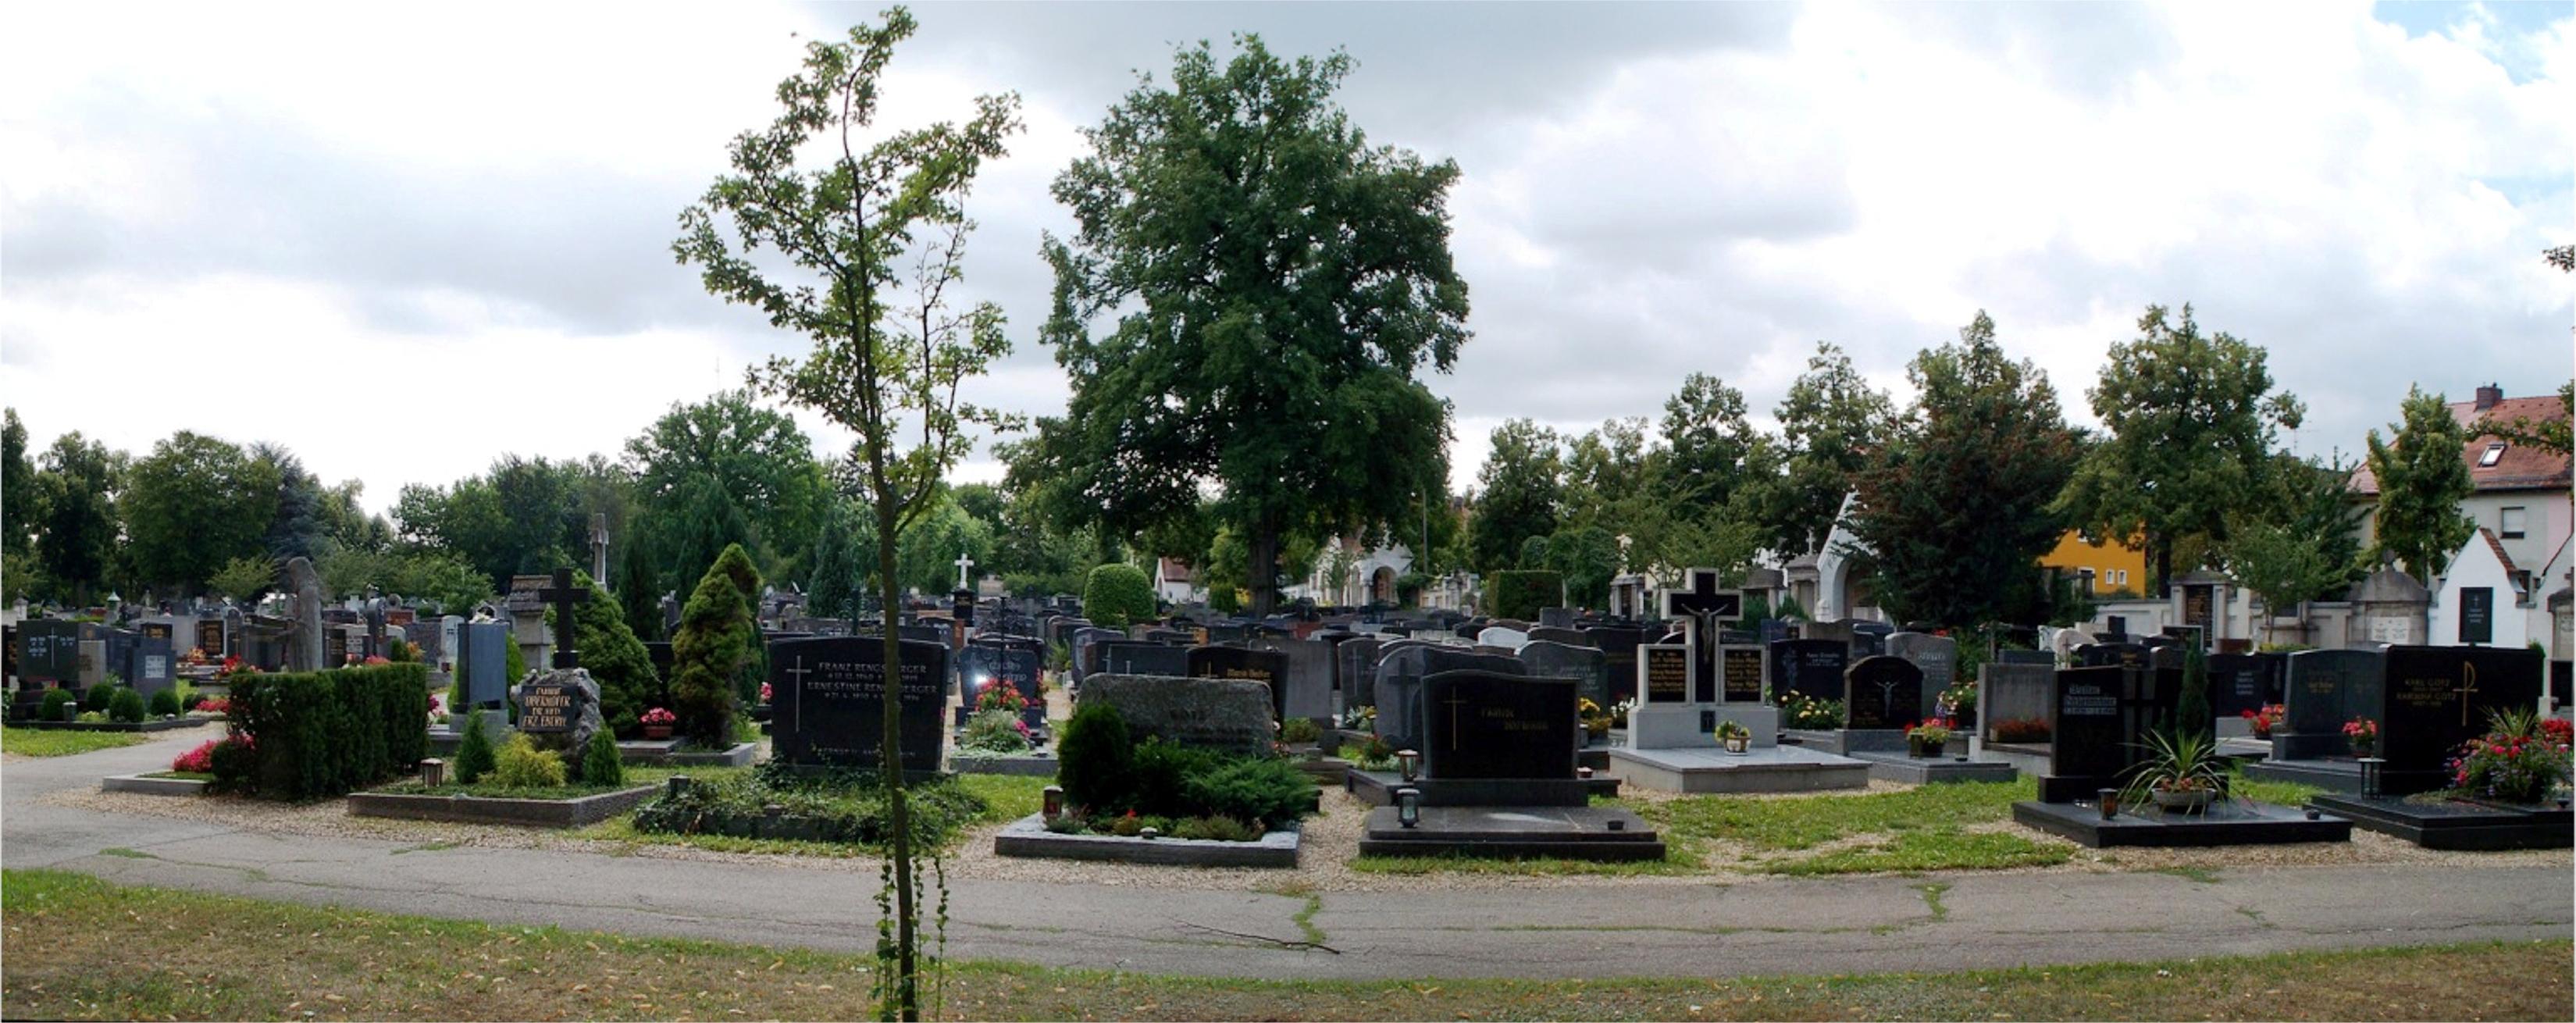 Oberer Katholischer Friedhof Regensburg